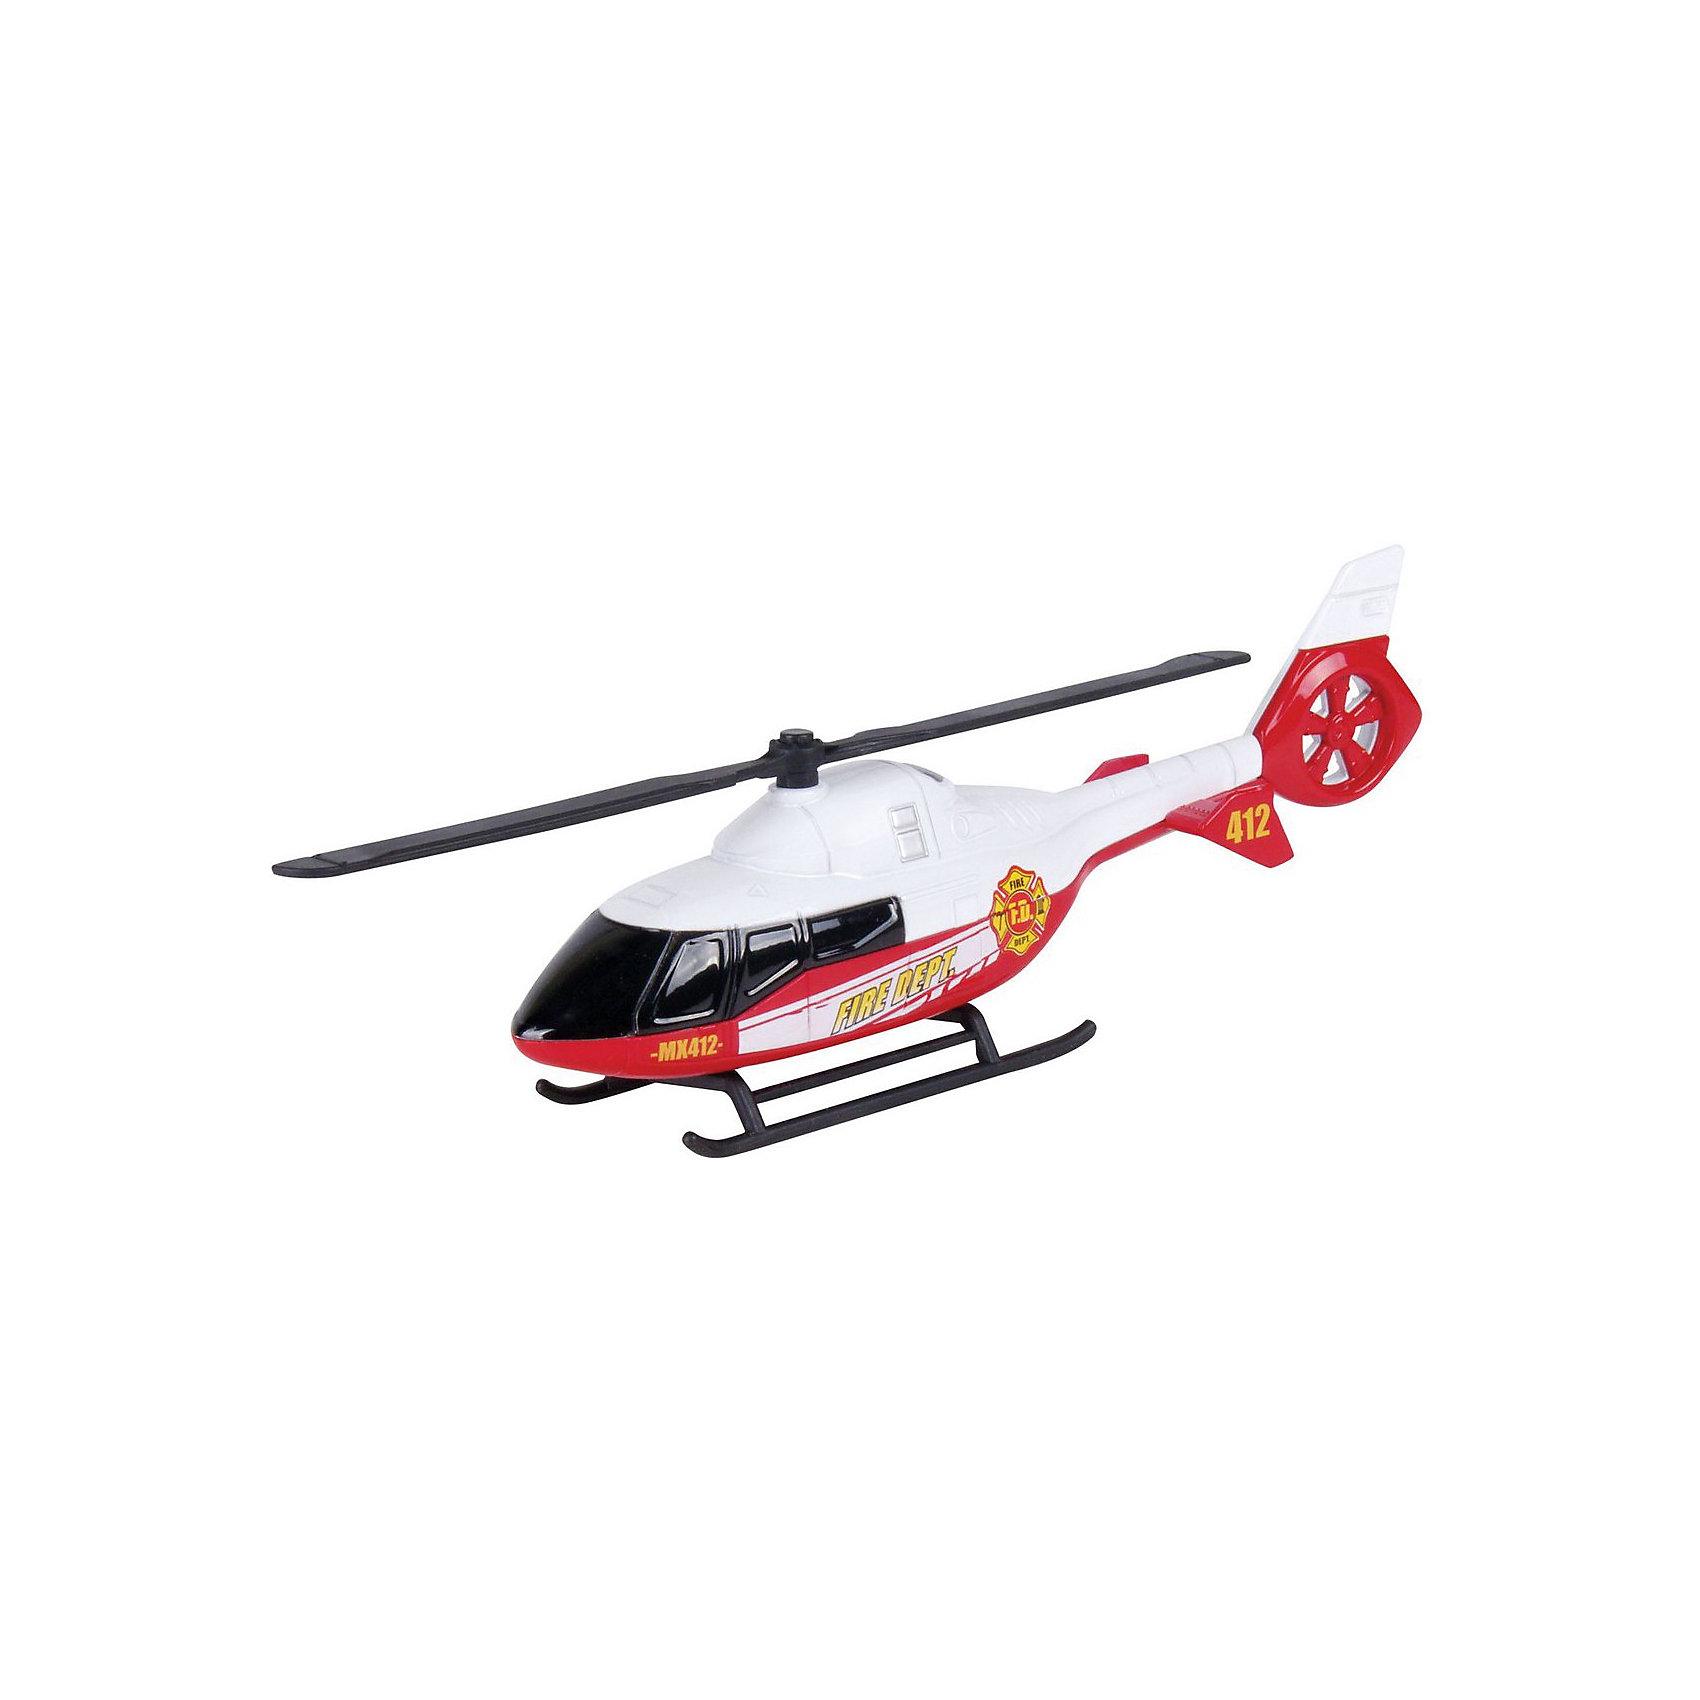 Вертолет Super Rescue Team 24, красный,  MotormaxВертолет Super Rescue Team 24, красный,  Motormax (Мотормакс) – это отличное пополнение коллекции авиационной техники.<br>Модель вертолета спасательной команды Super Rescue Team. Модель выполнена из качественного и прочного металла. Она имеет отличную детализацию, поэтому может использоваться не только как обычная игрушка, но и как коллекционная модель. Модель вертолета изготовлена из безопасных и экологически чистых материалов.<br><br>Дополнительная информация:<br><br>- Длина вертолета: 24 см.<br>- Цвет: красный, белый<br>- Материал: пластик, металл, резина<br><br>Вертолет Super Rescue Team 24, красный,  Motormax (Мотормакс) можно купить в нашем интернет-магазине.<br><br>Ширина мм: 254<br>Глубина мм: 60<br>Высота мм: 10<br>Вес г: 230<br>Возраст от месяцев: 36<br>Возраст до месяцев: 168<br>Пол: Мужской<br>Возраст: Детский<br>SKU: 3839014